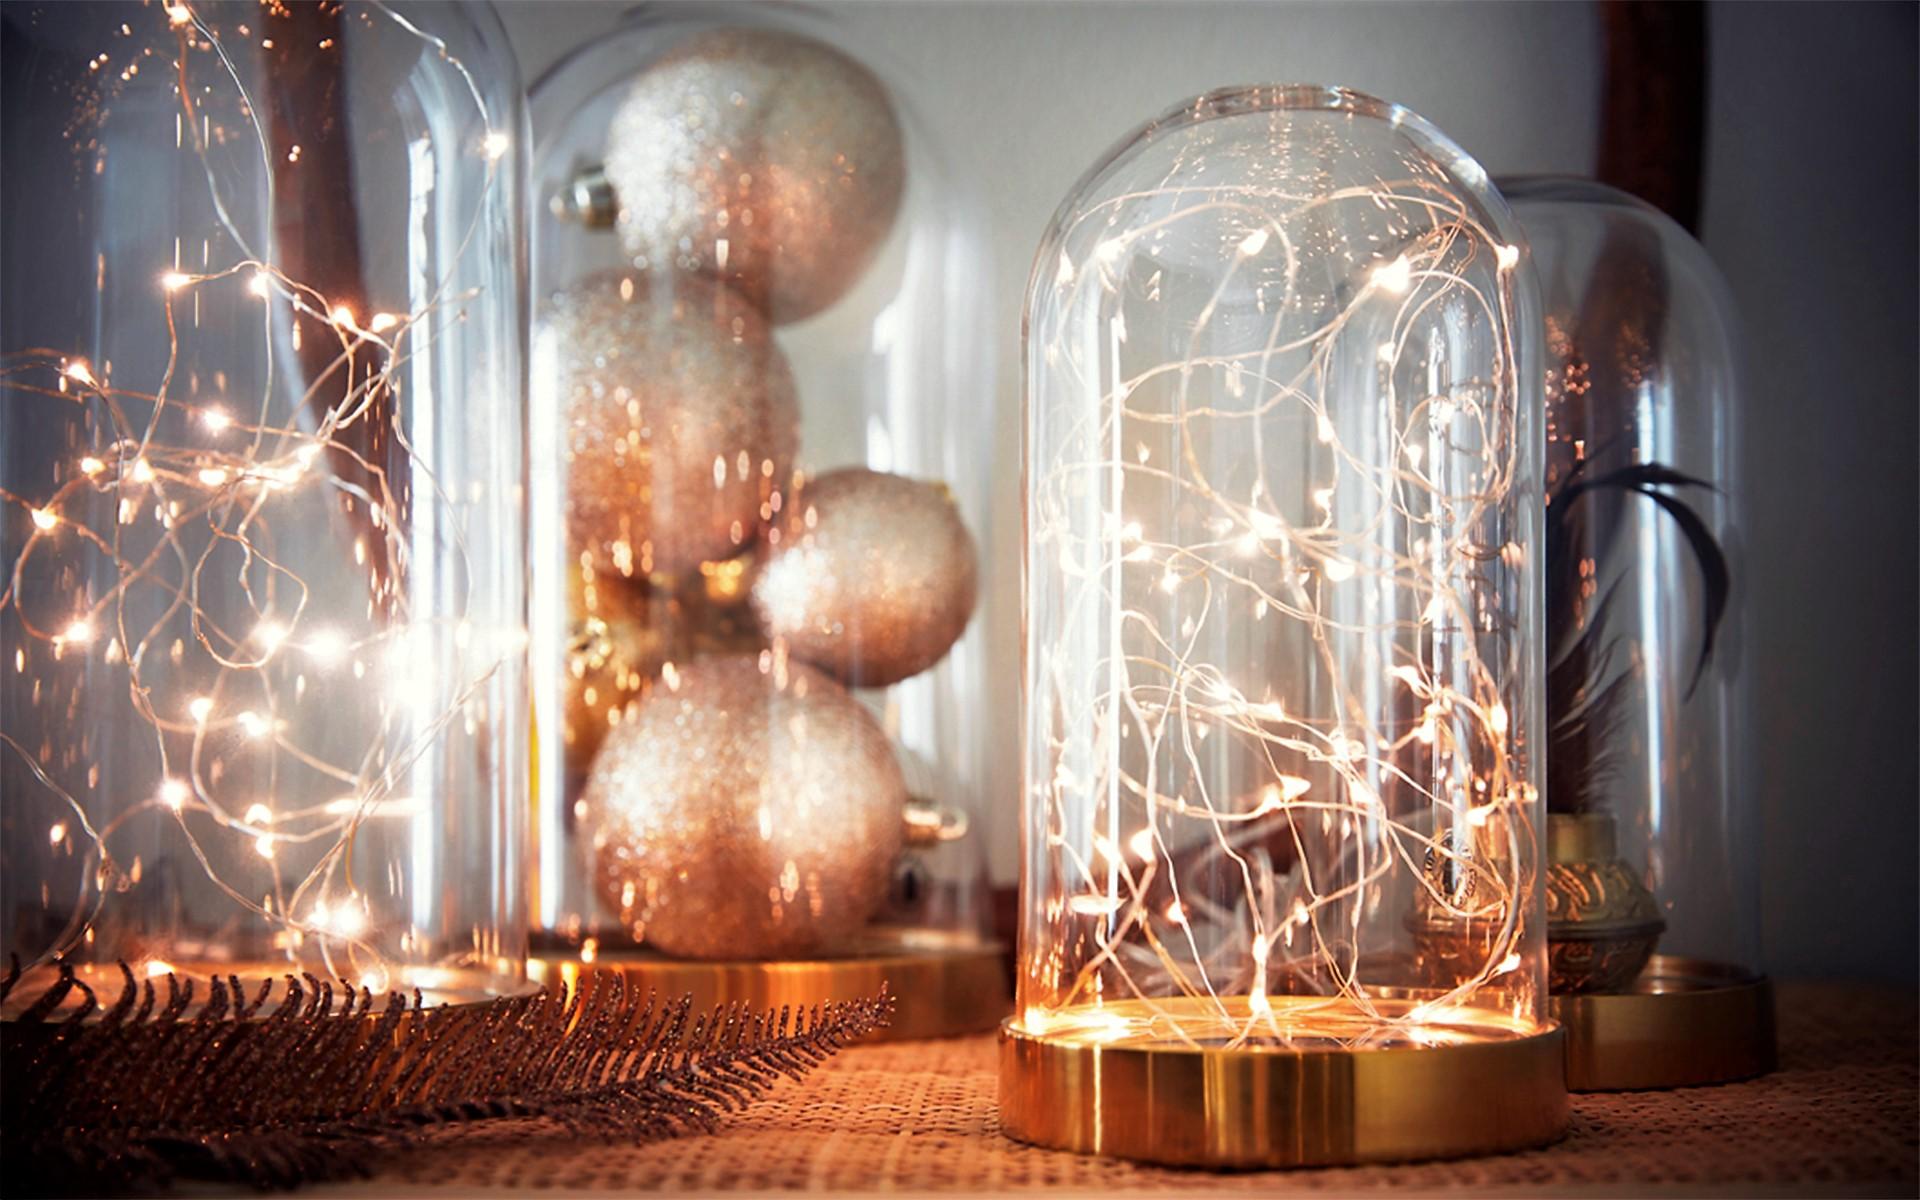 ventilador de teto Spirit - Blog Myspirit - capa blog - ideias para decoração de Natal